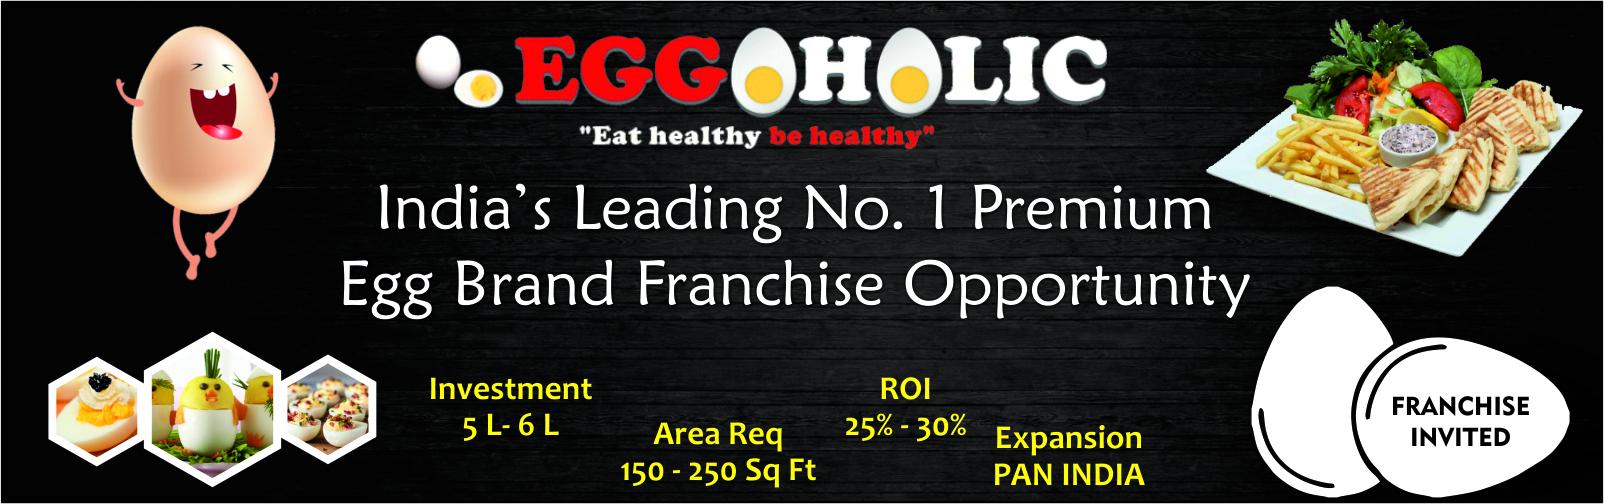 admin/photos/Eggoholic ( Premium Egg Brand )